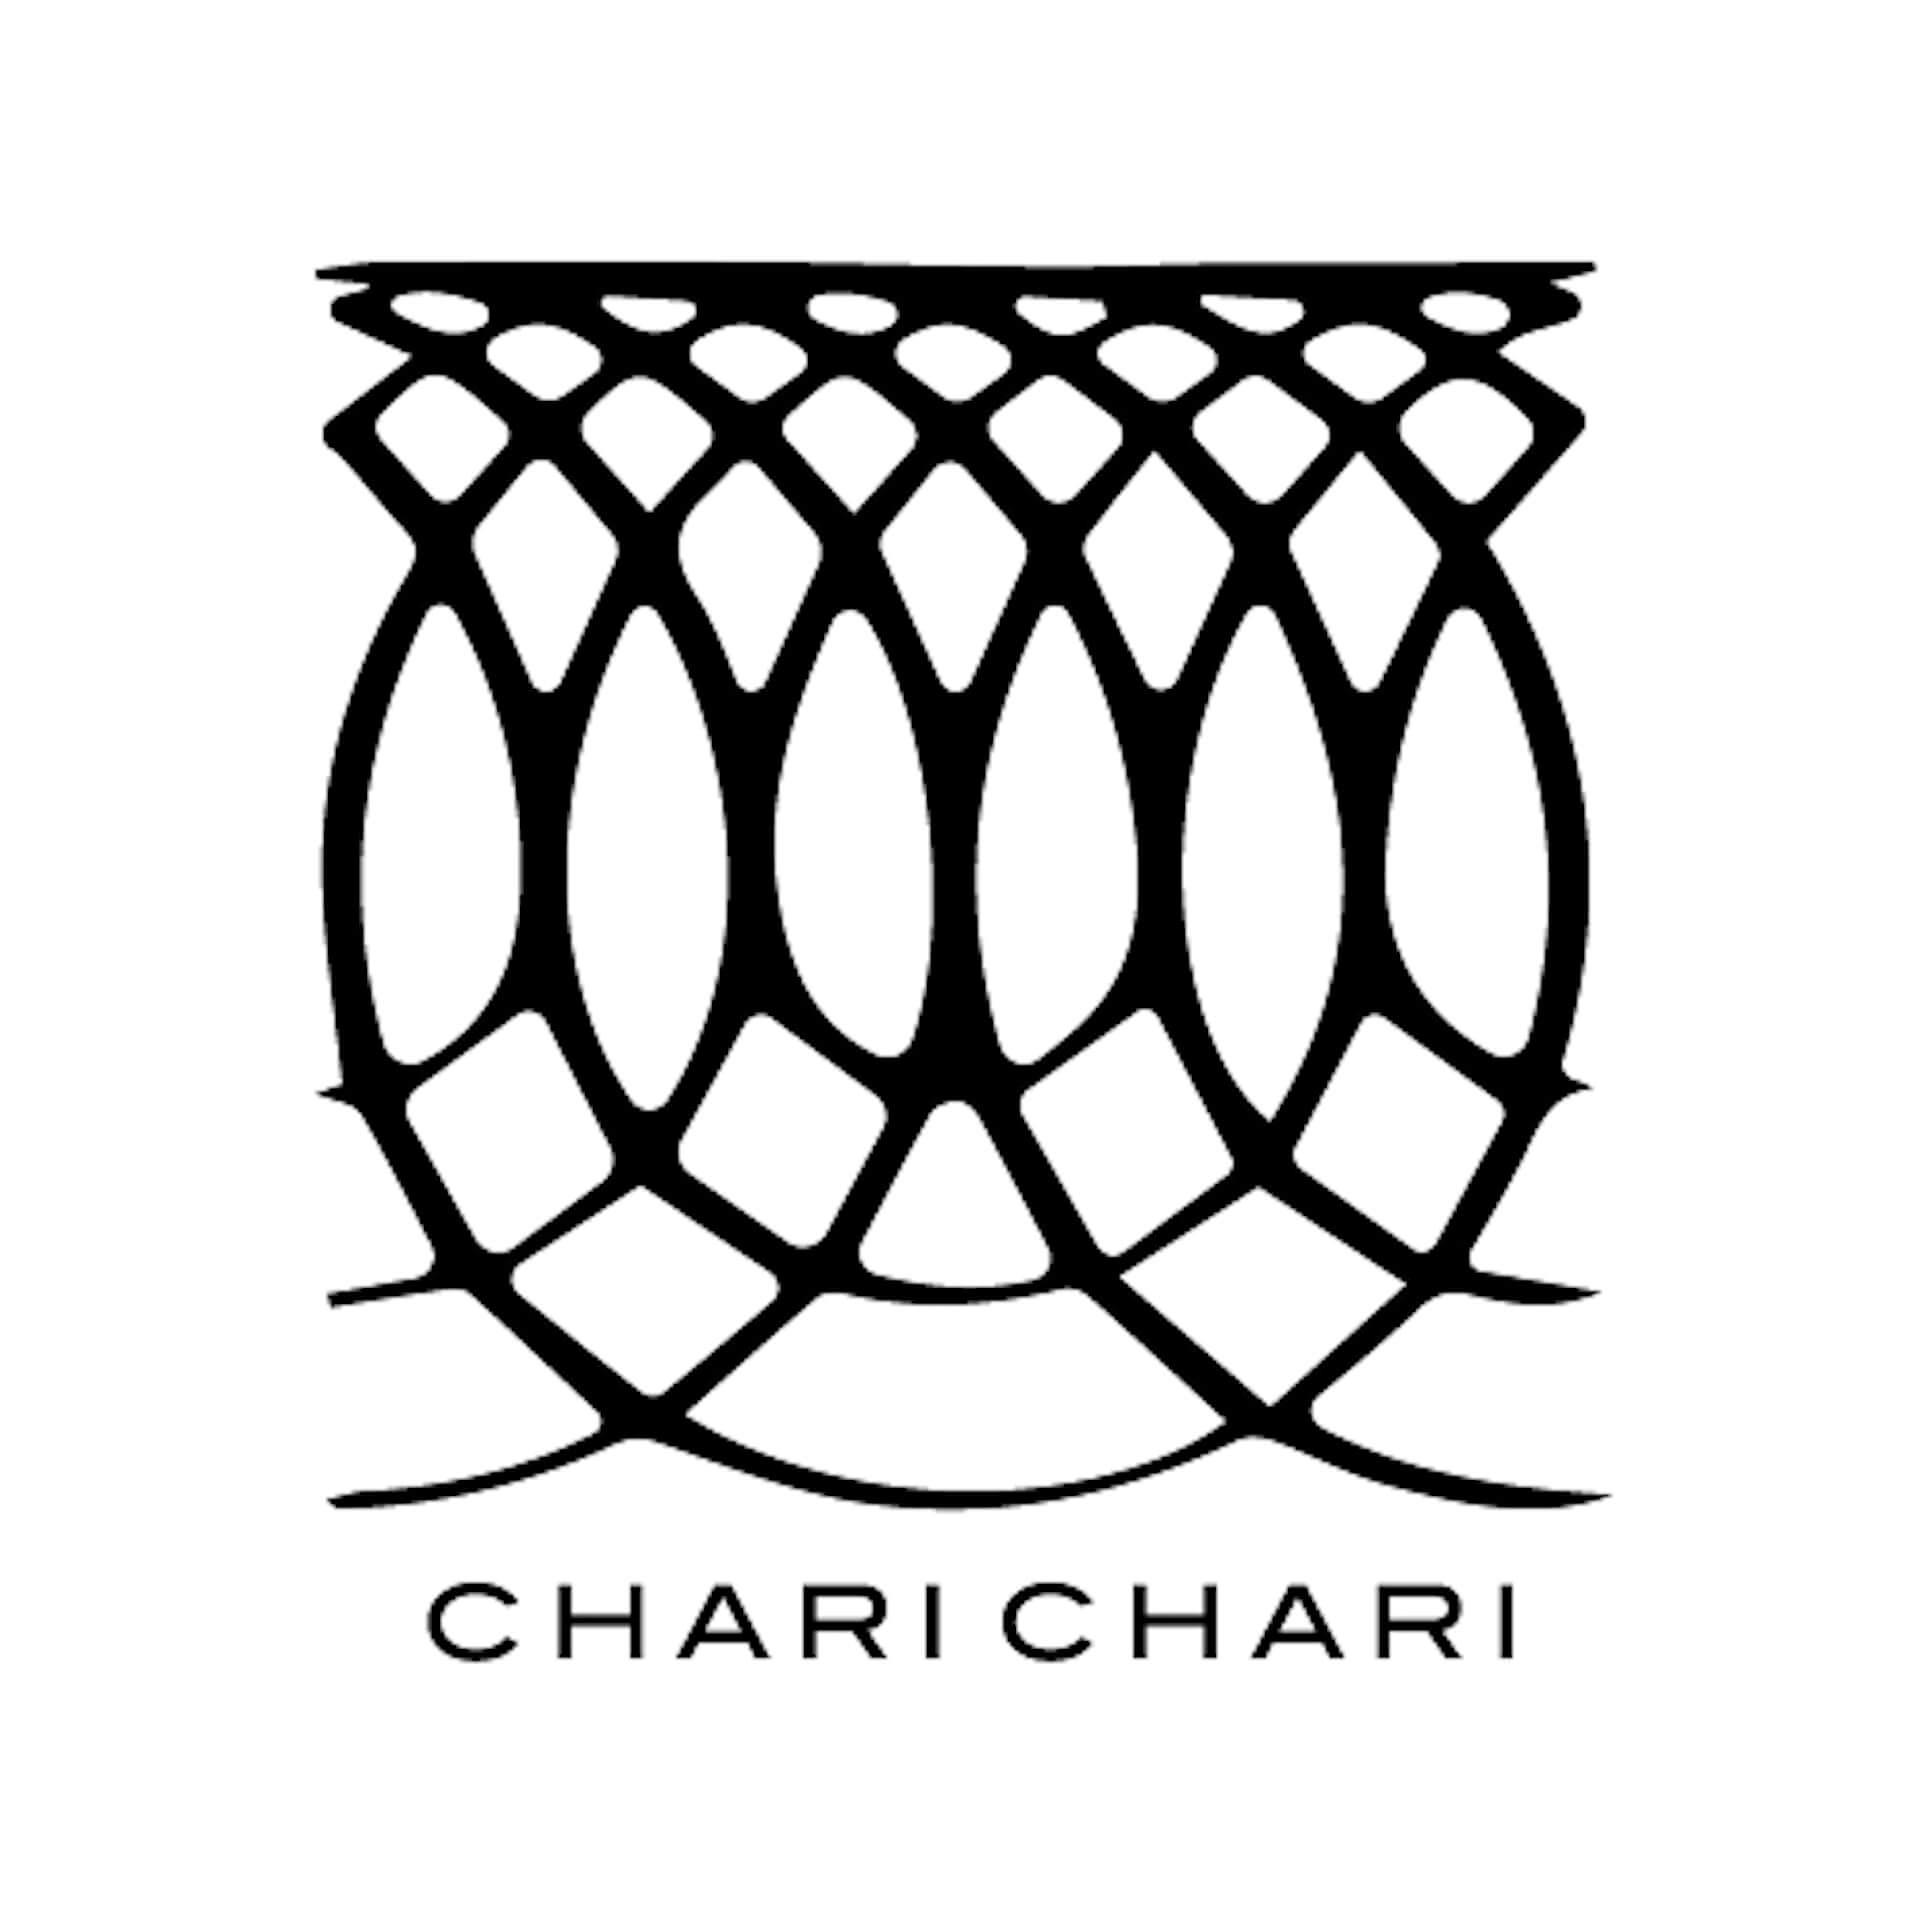 Kaoru InoueによるプロジェクトChari Chariがニューアルバム『Mystic Revelation of Suburbanity』を発表!